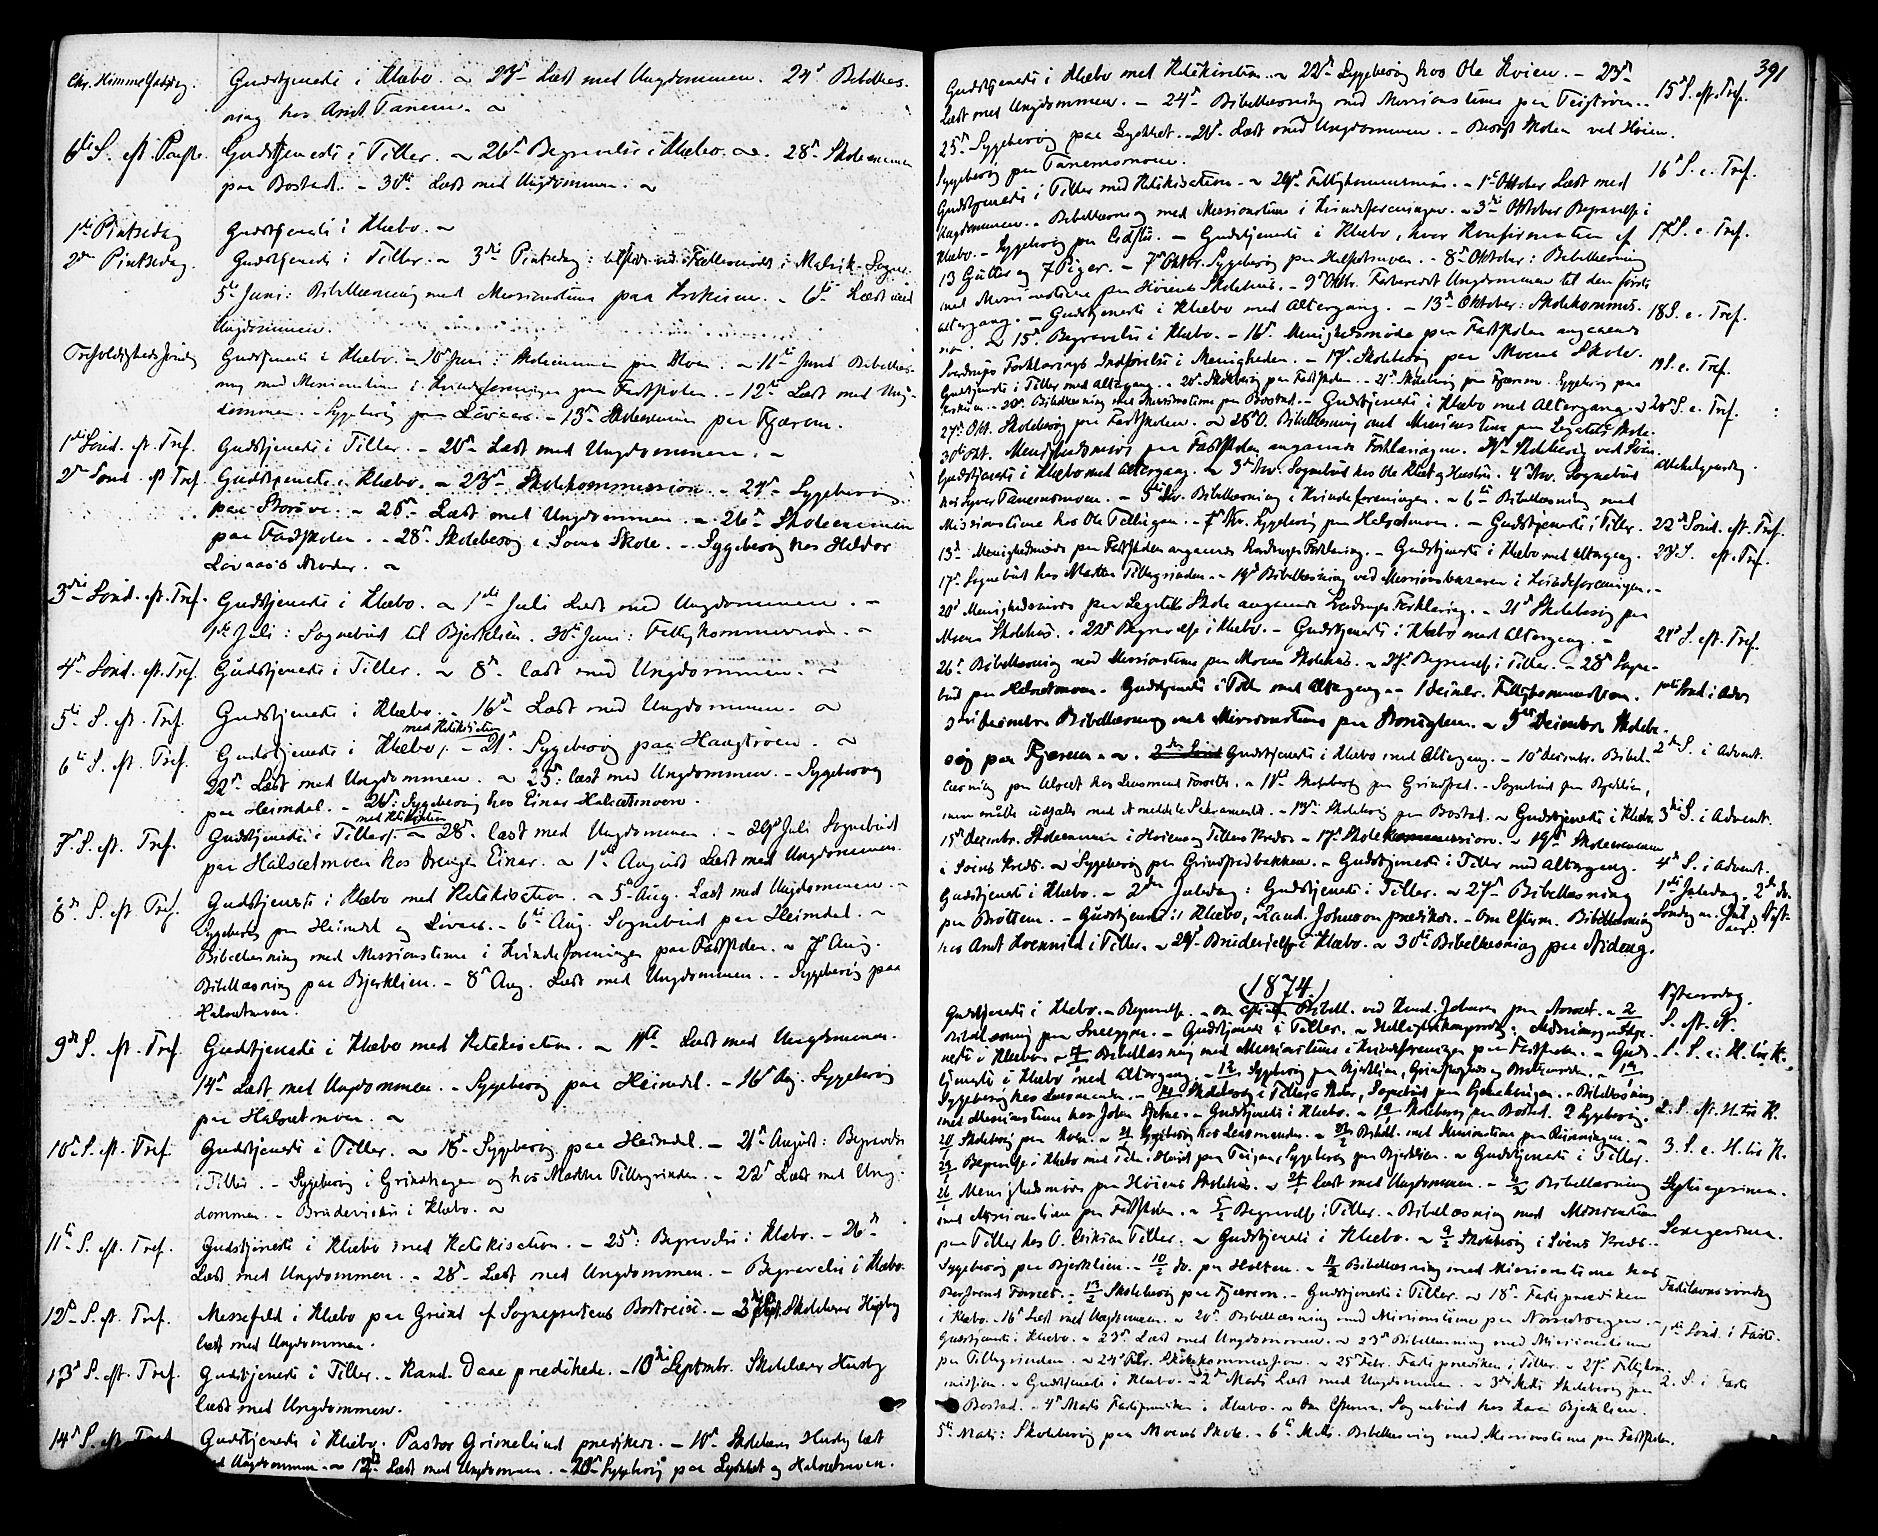 SAT, Ministerialprotokoller, klokkerbøker og fødselsregistre - Sør-Trøndelag, 618/L0442: Ministerialbok nr. 618A06 /1, 1863-1879, s. 391